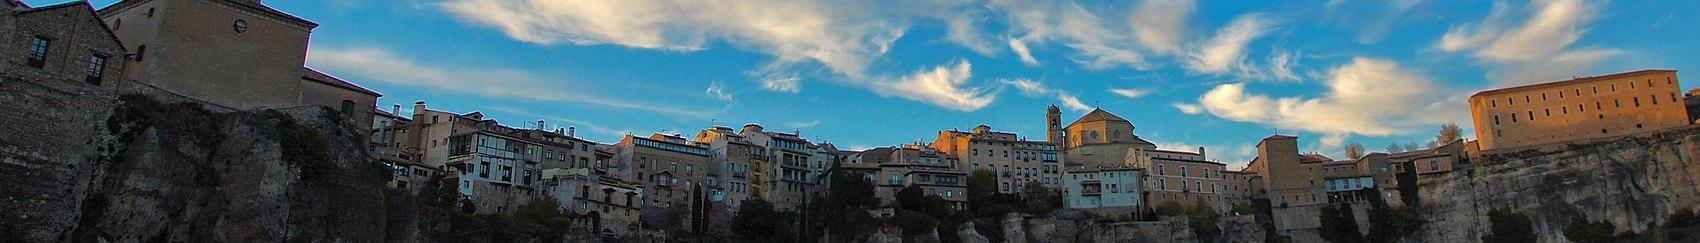 Locapedias de Cuenca